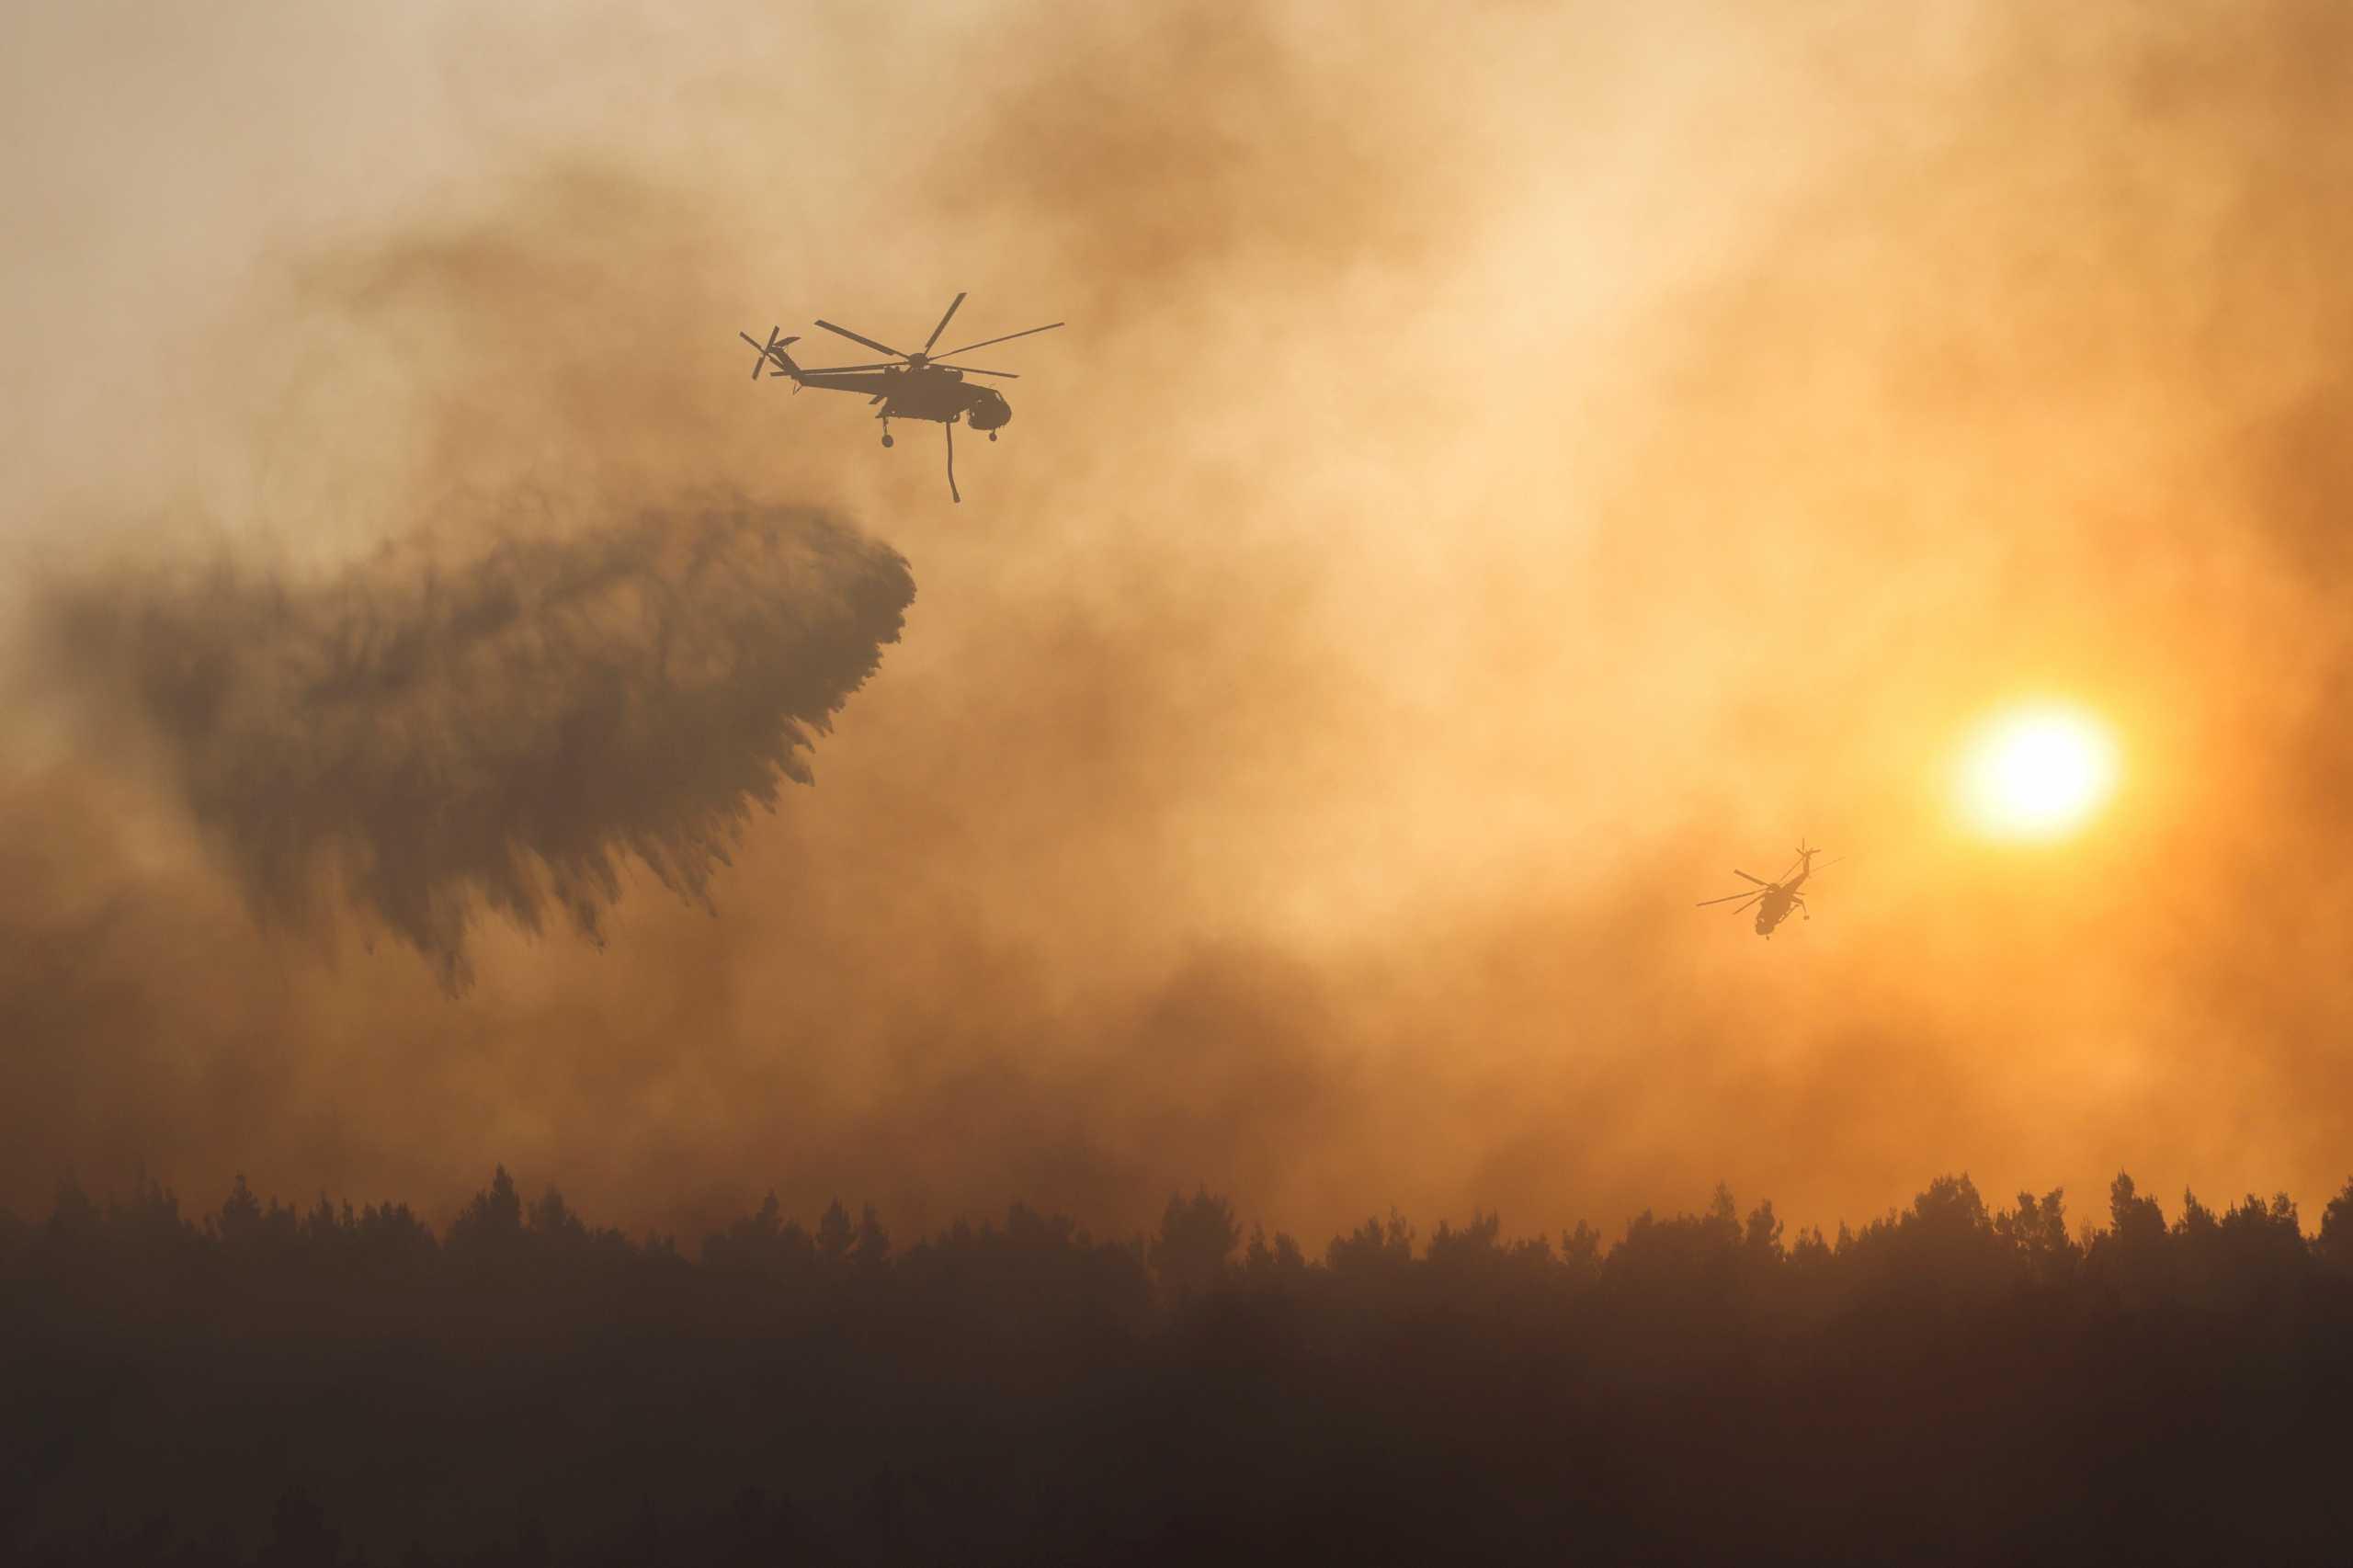 Φωτιές: 106 πύρινα μέτωπα σε μια μέρα – Παράταση στην απαγόρευση παραμονής στα δάση